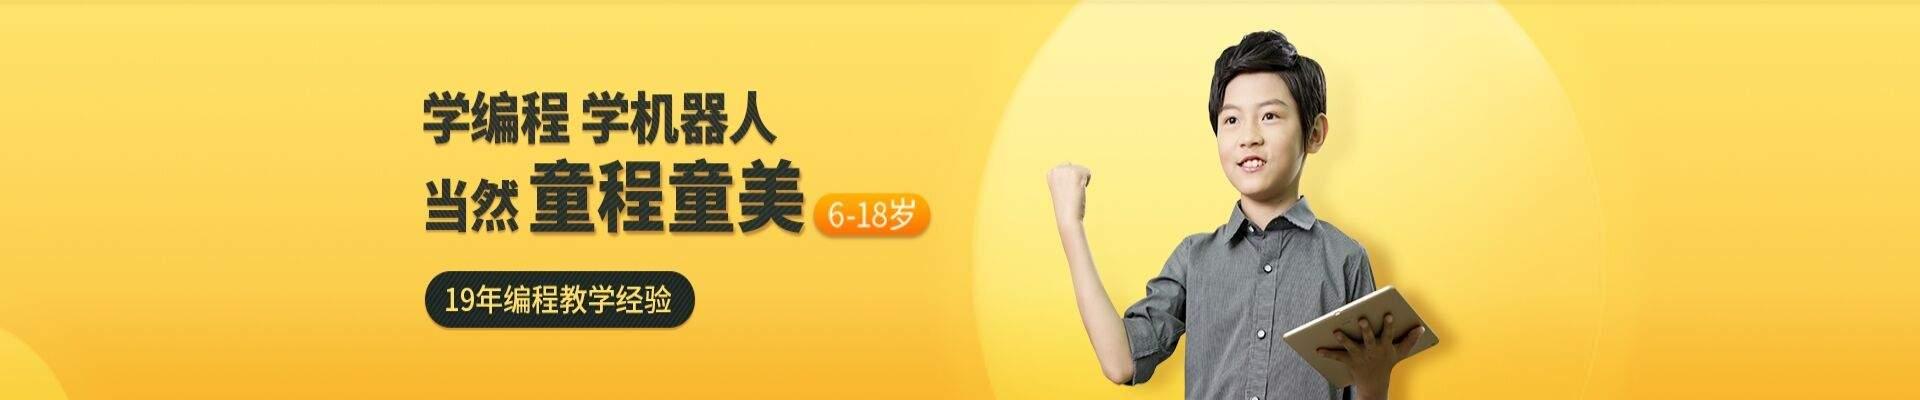 台州童程童美少儿编程培训中心